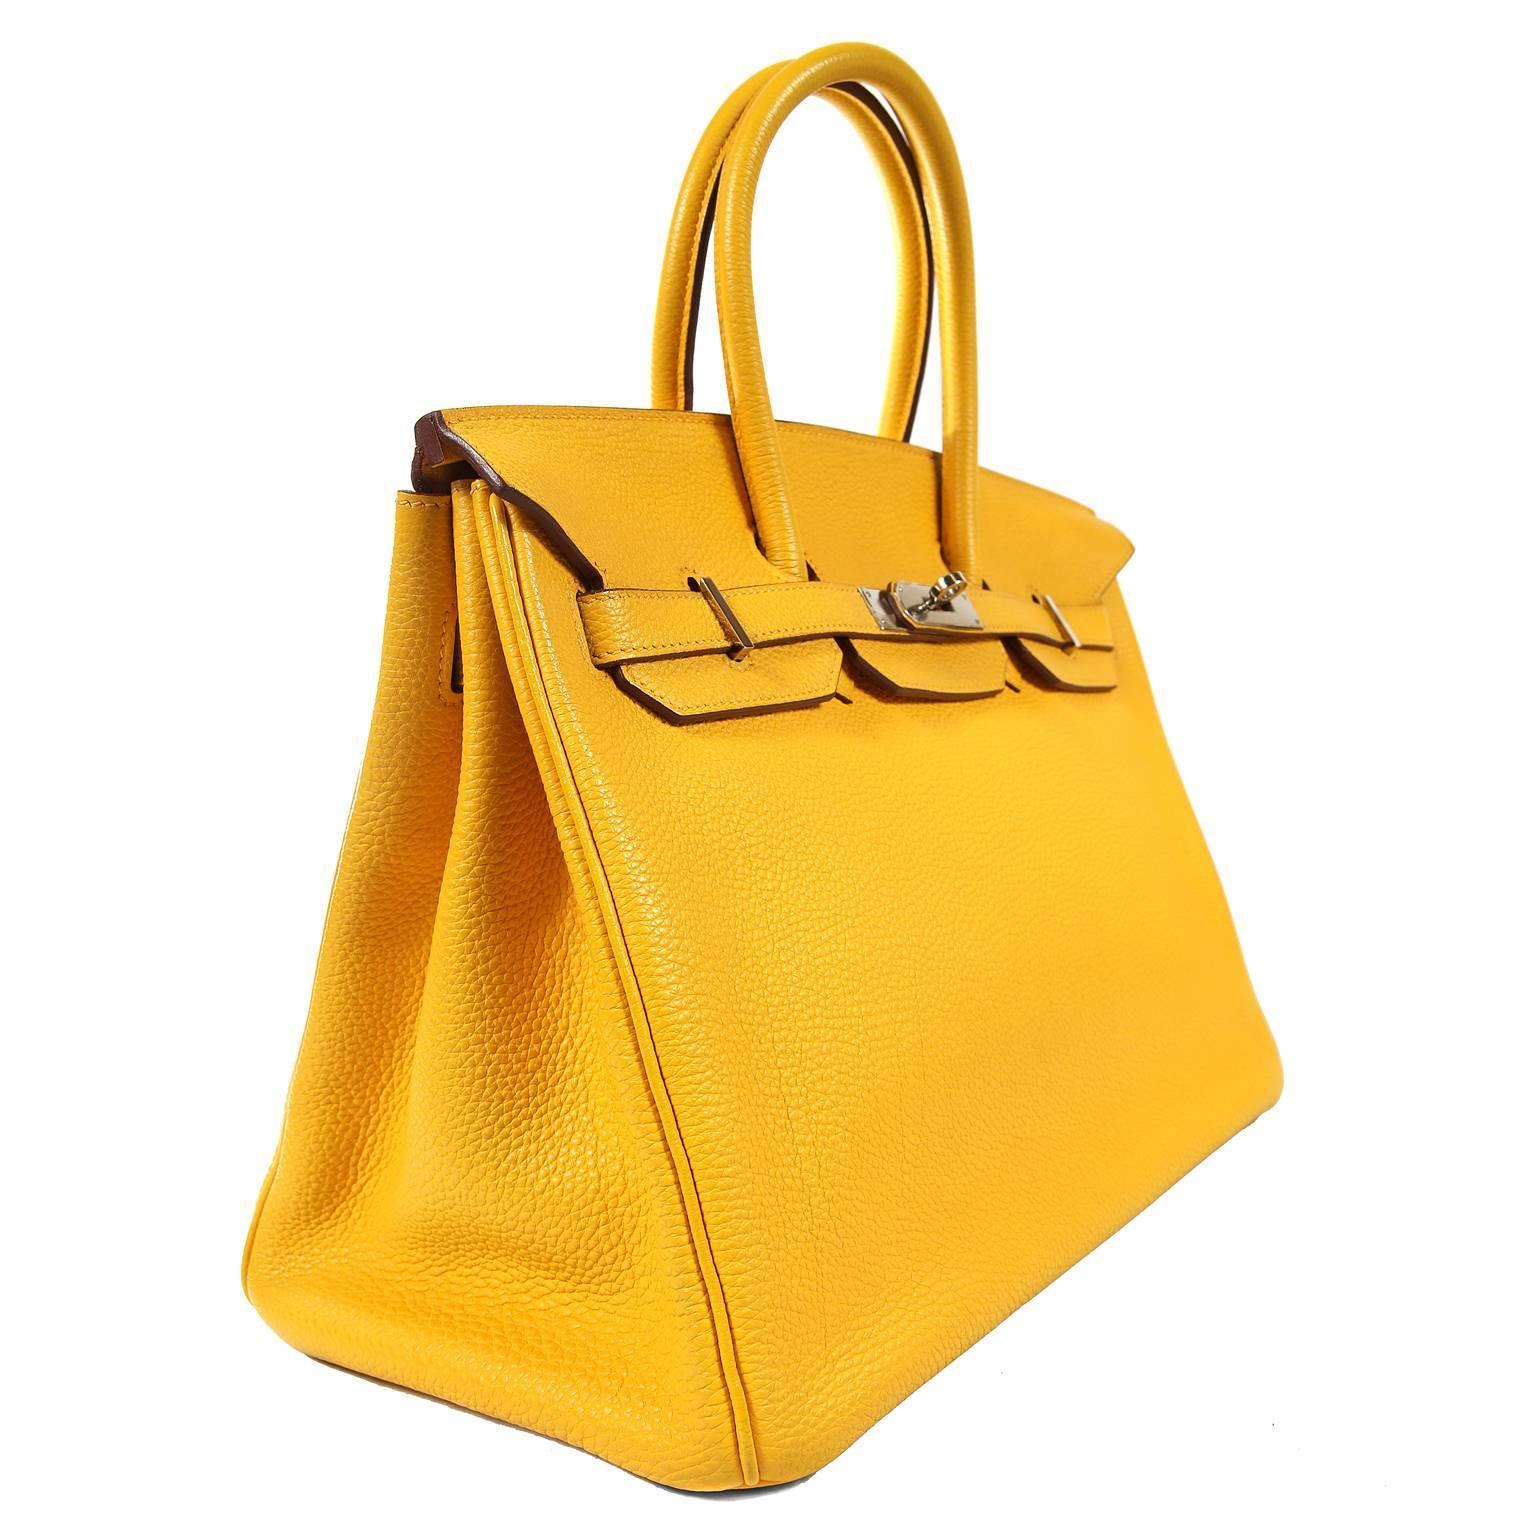 dff069774ea Hermès Soleil Yellow Togo 35cm Birkin Bag with Palladium at 1stdibs